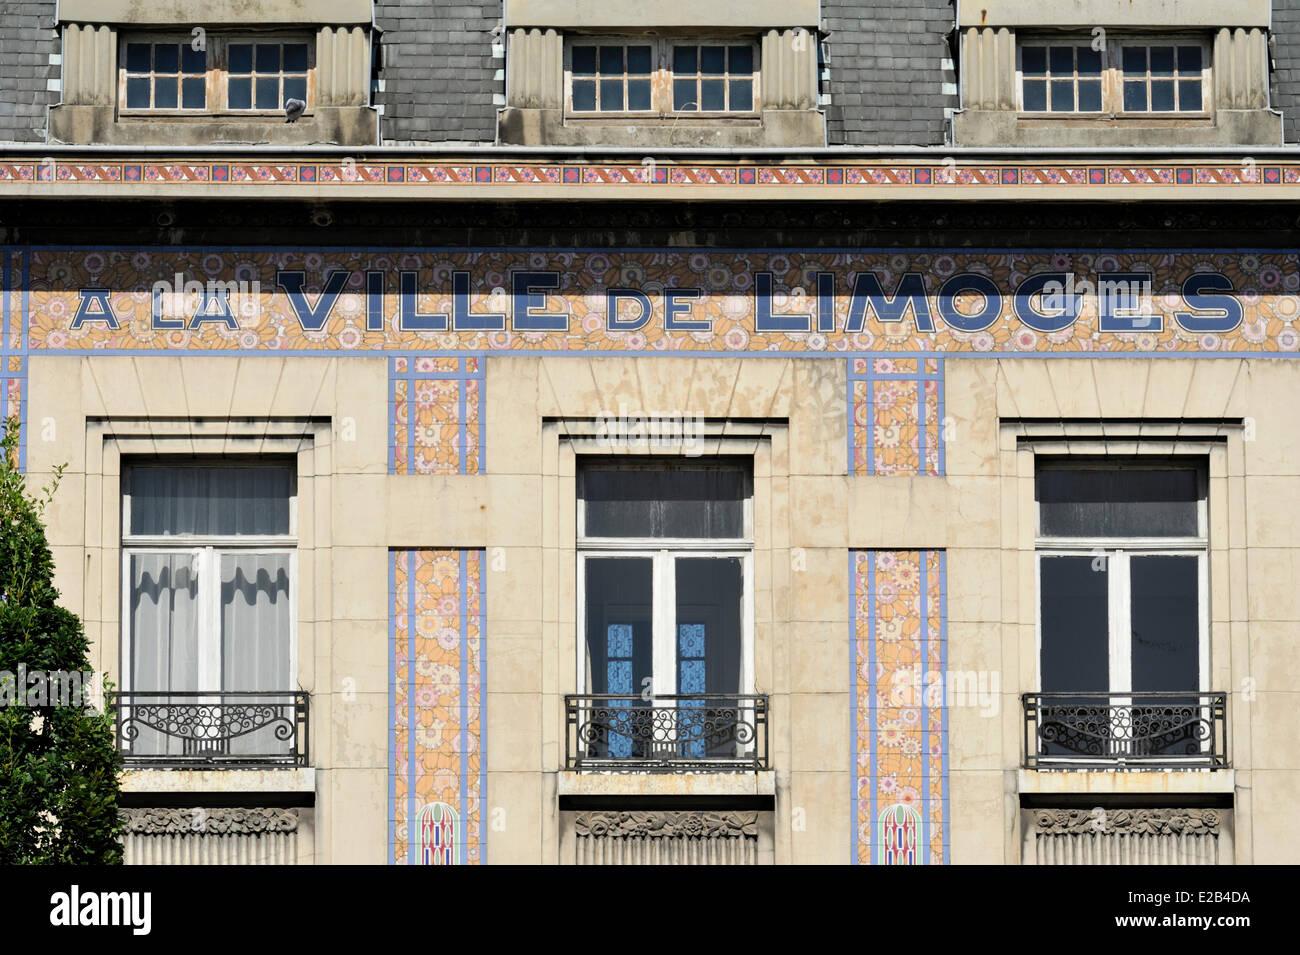 https www alamyimages fr photo image la france pas de calais lens facade art deco du magasin de meubles a la ville de limoges 70315766 html